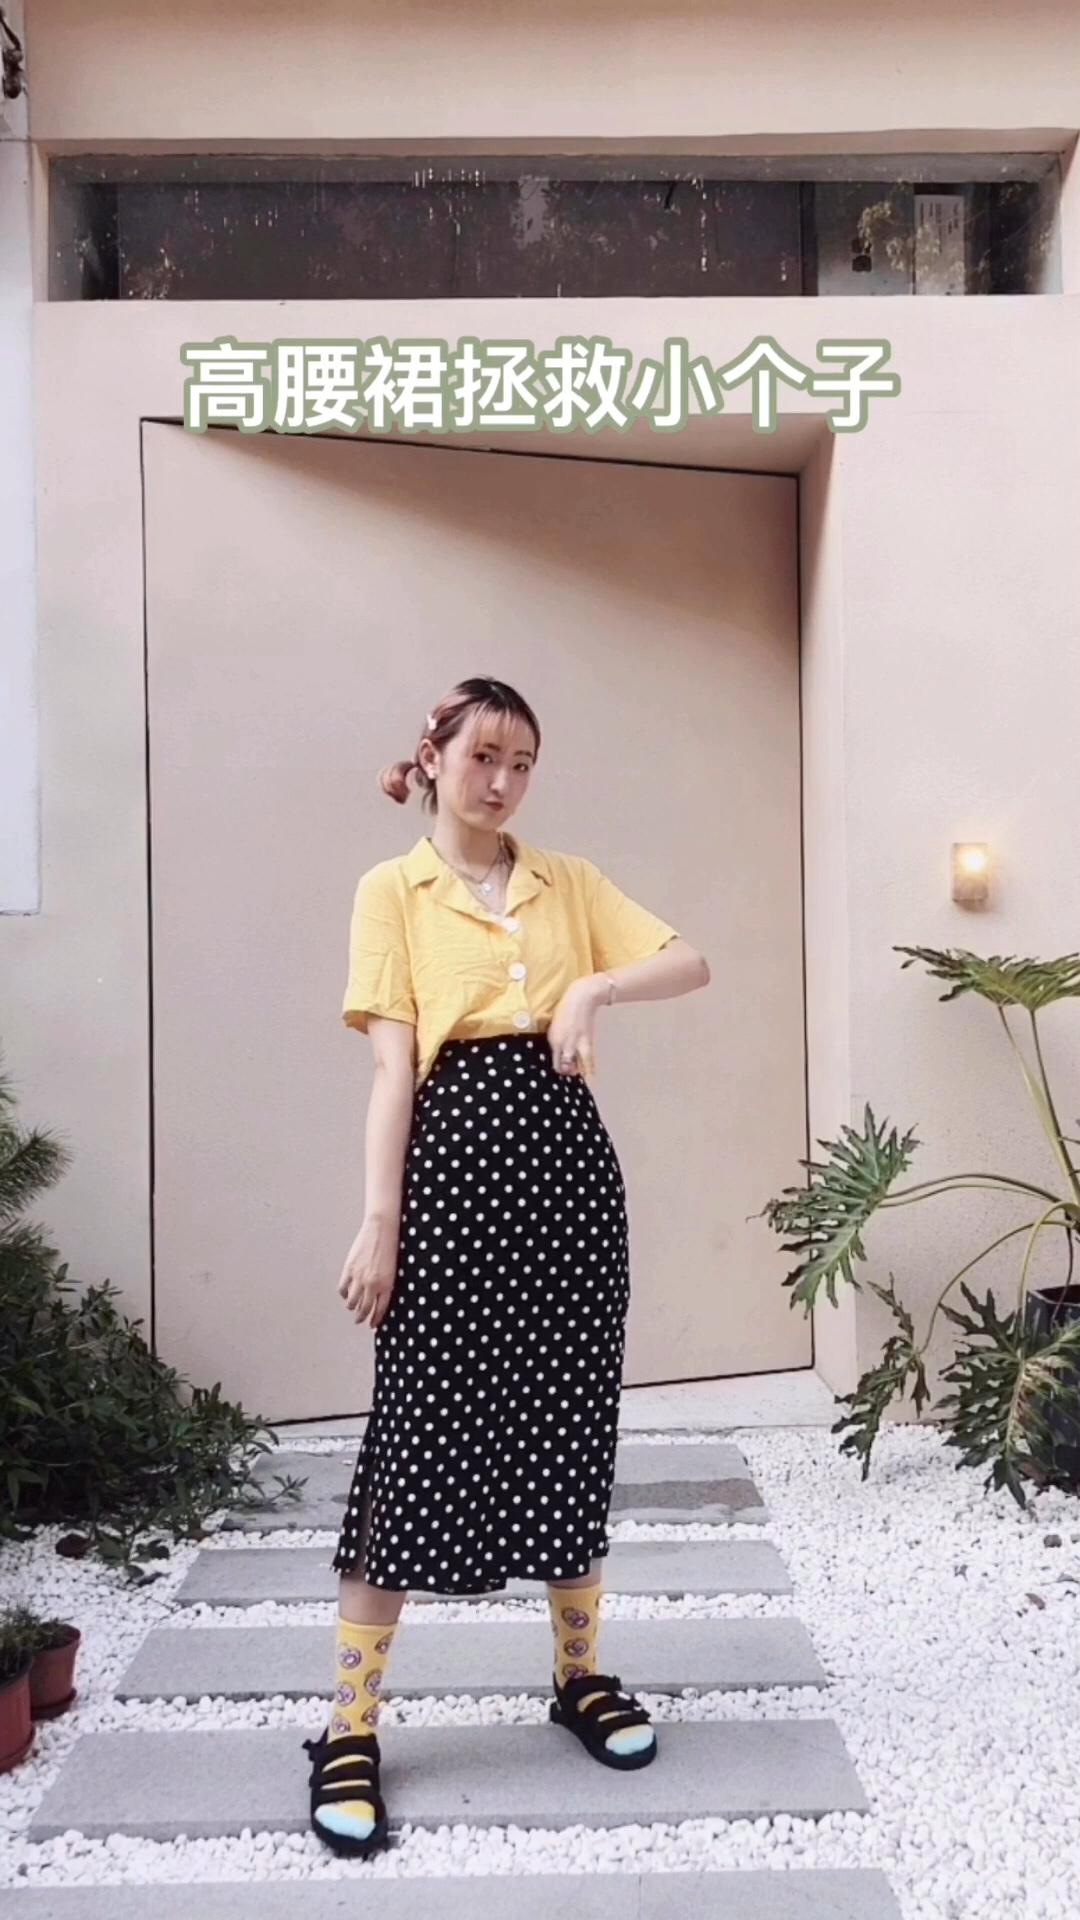 #高腰:教你穿出黄金比例# ⭐️黄色衬衫+高腰黑色波点半身裙 ⭐️明黄色活力十足,显白满分。v领设计拉长颈部线条,显脸小。 ⭐️高腰设计拉长腿部线条,改善比例,是小个子女生和五五分妹子的救星。波点元素就是经典好看,了解一下👌